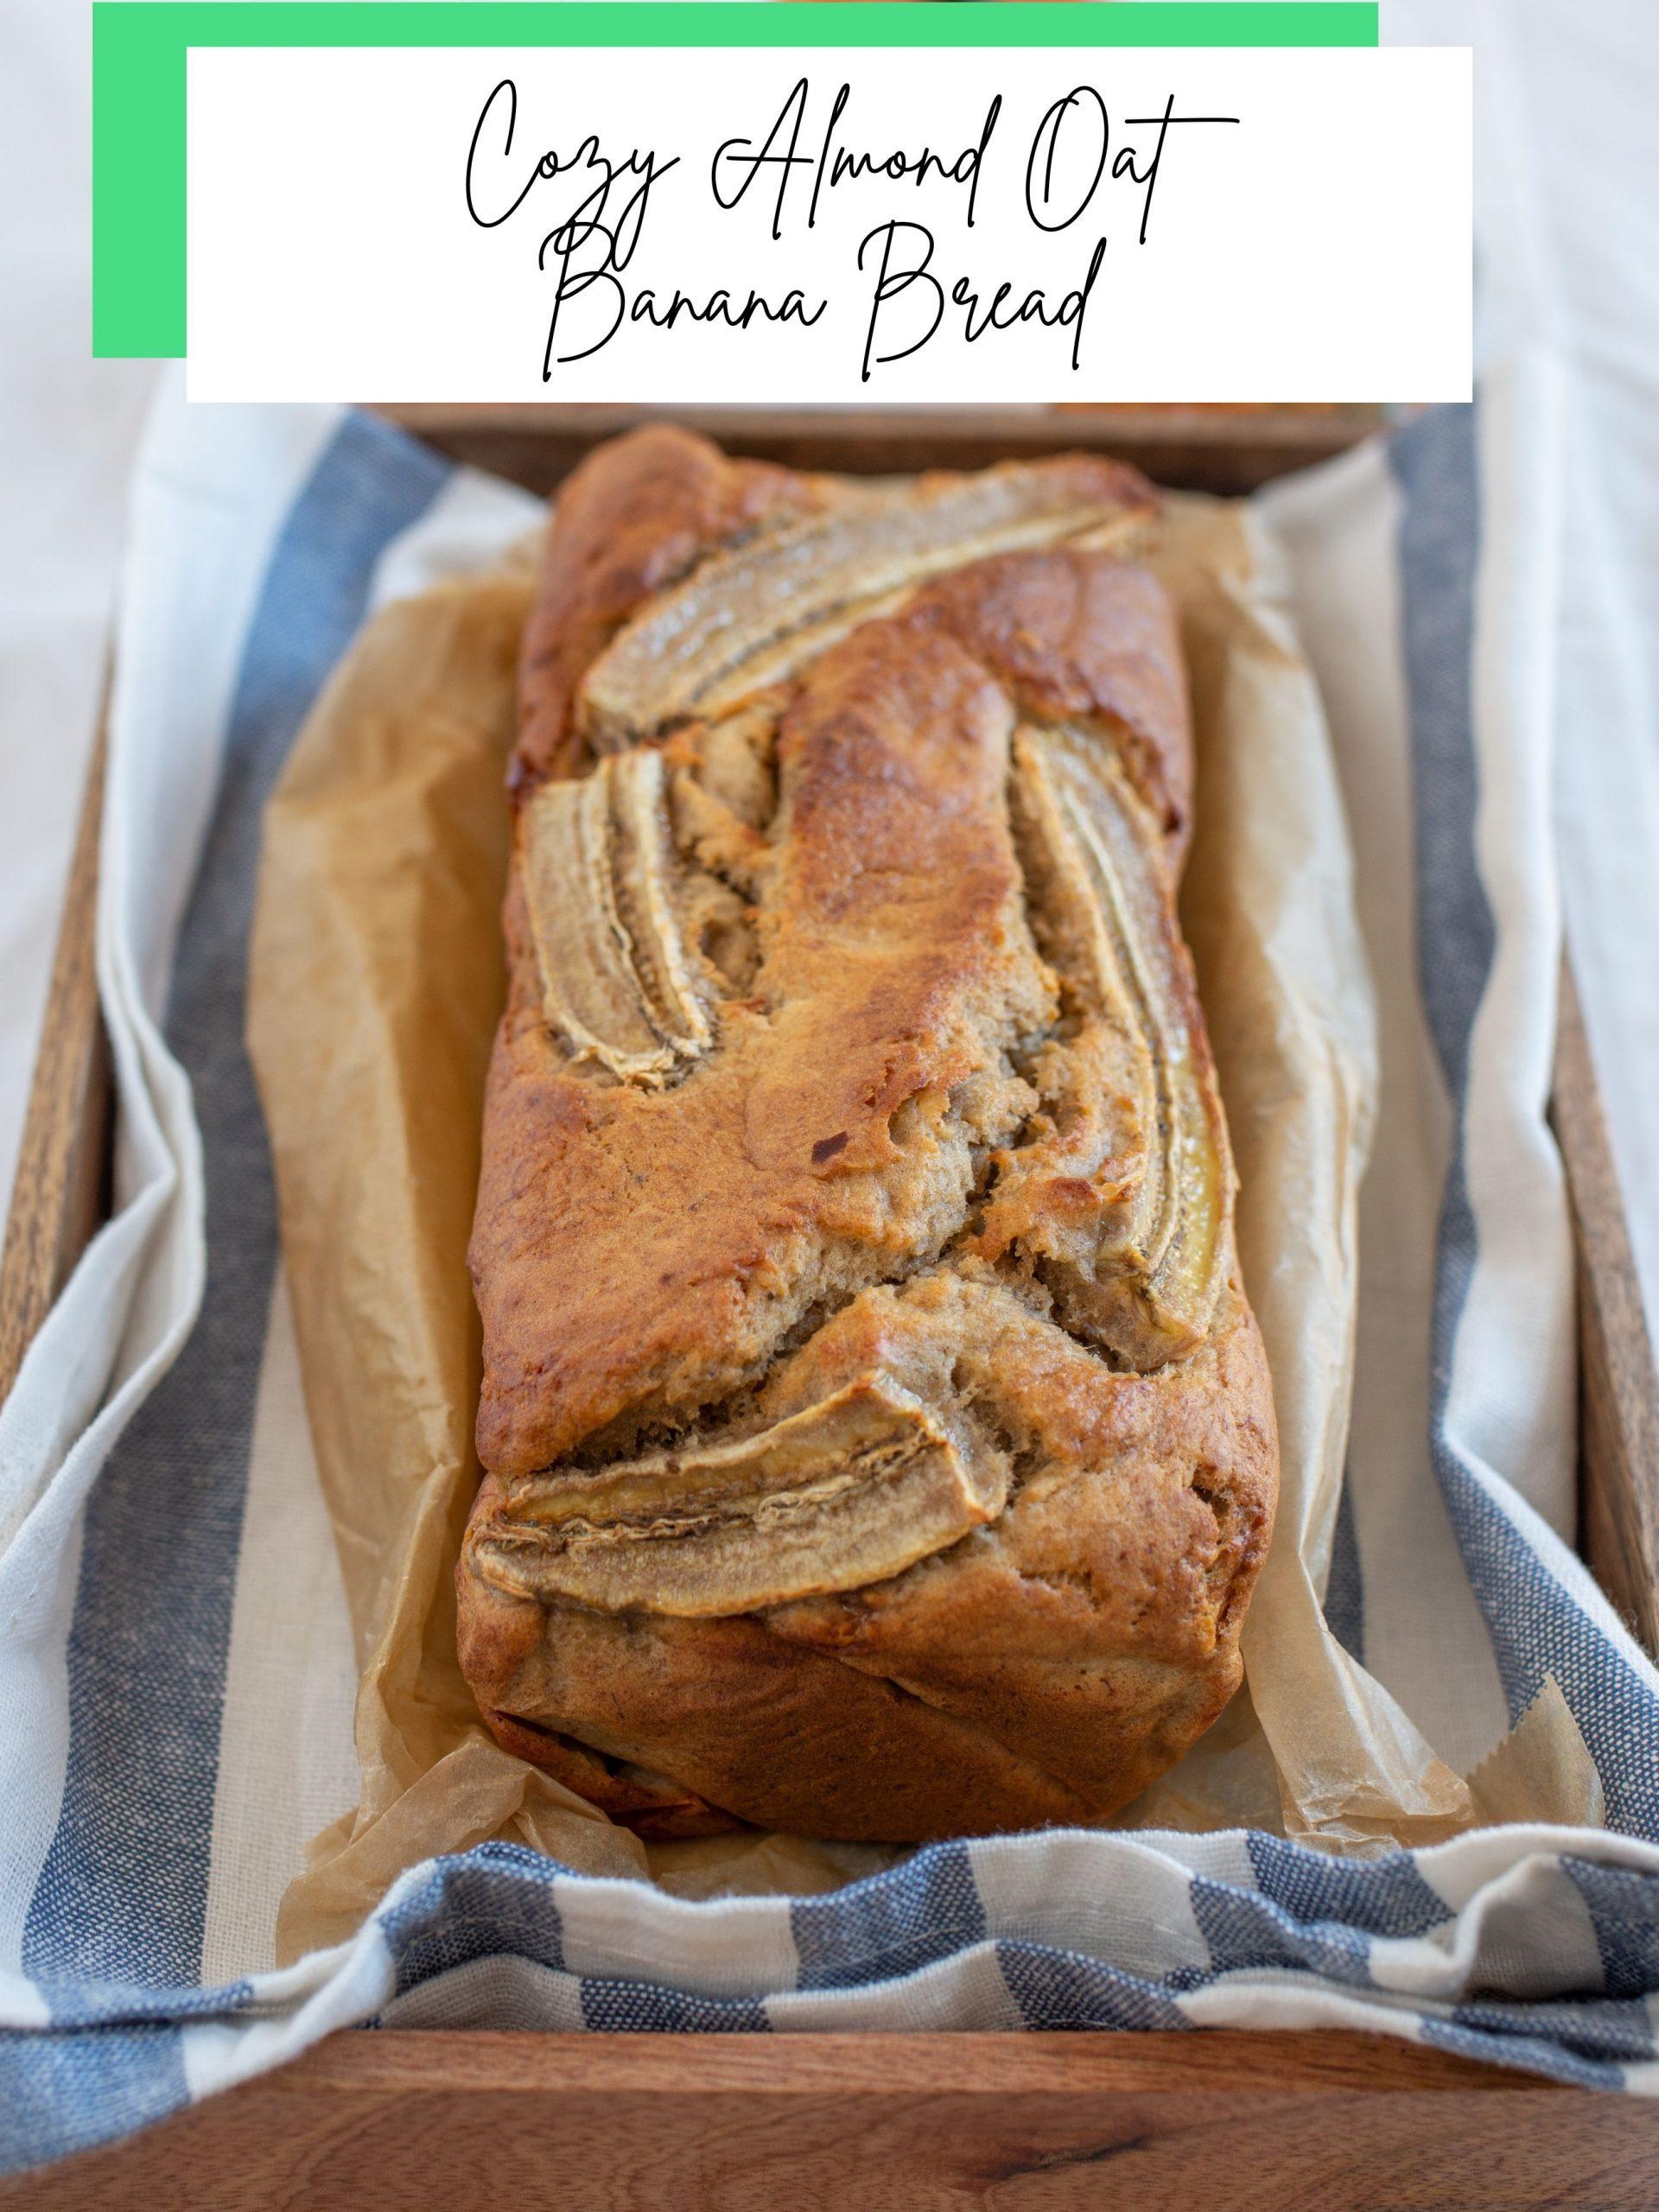 Nuleeu Recipe Favorite: Cozy Almond Oat Banana Bread